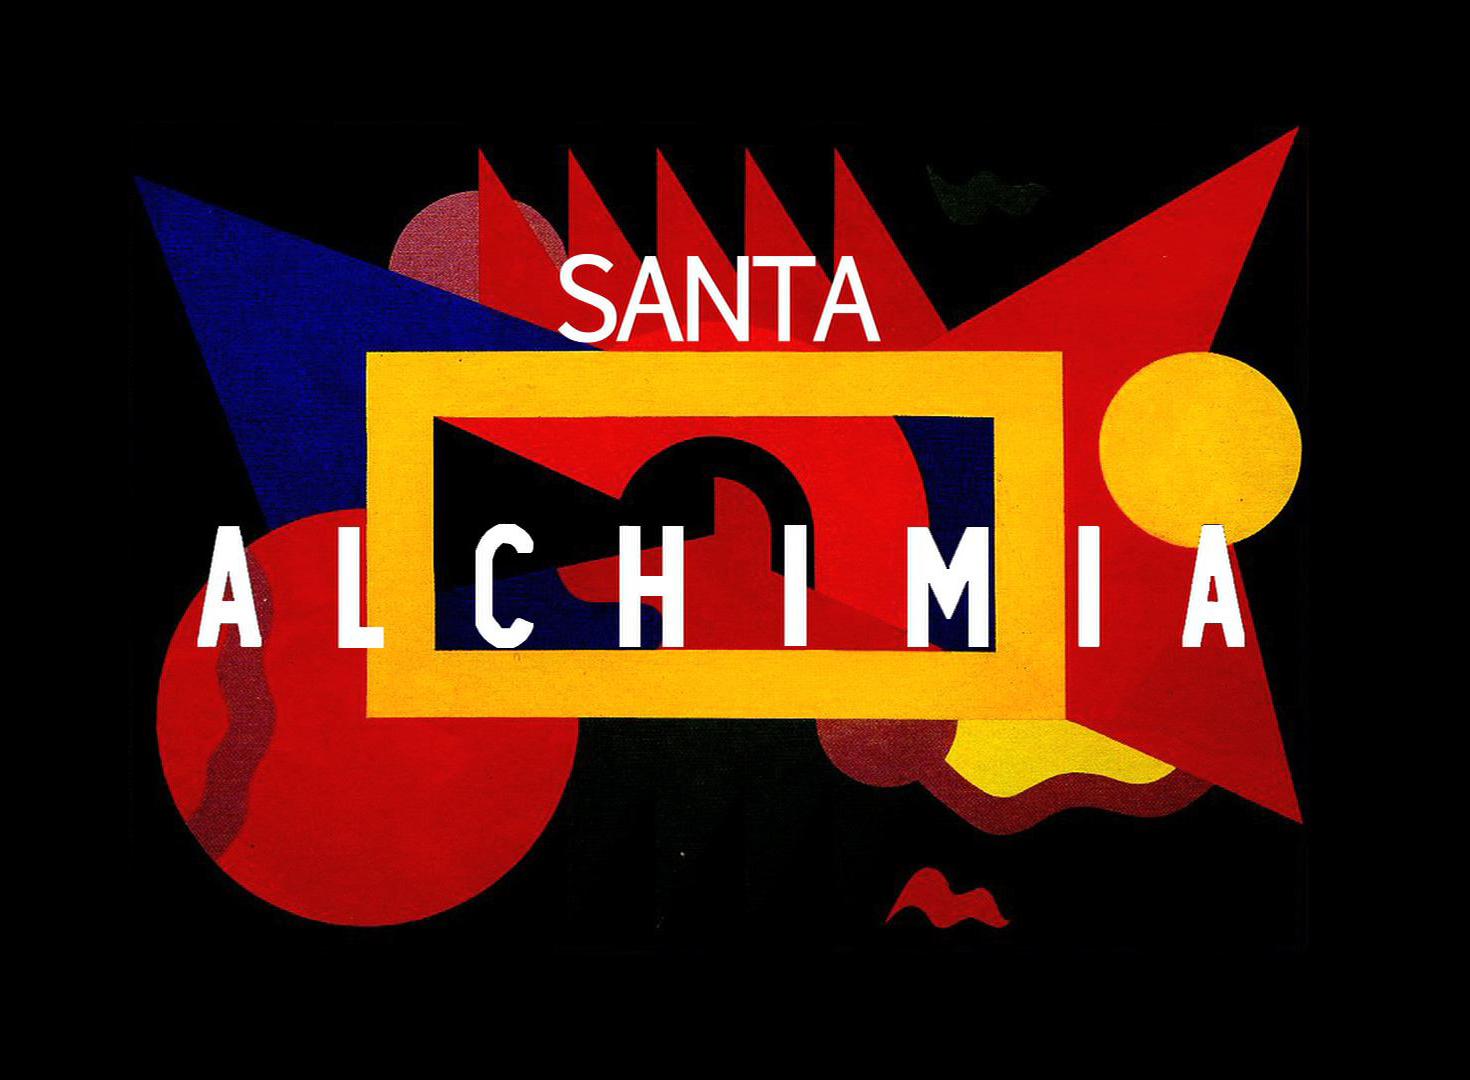 Santa Alchimia